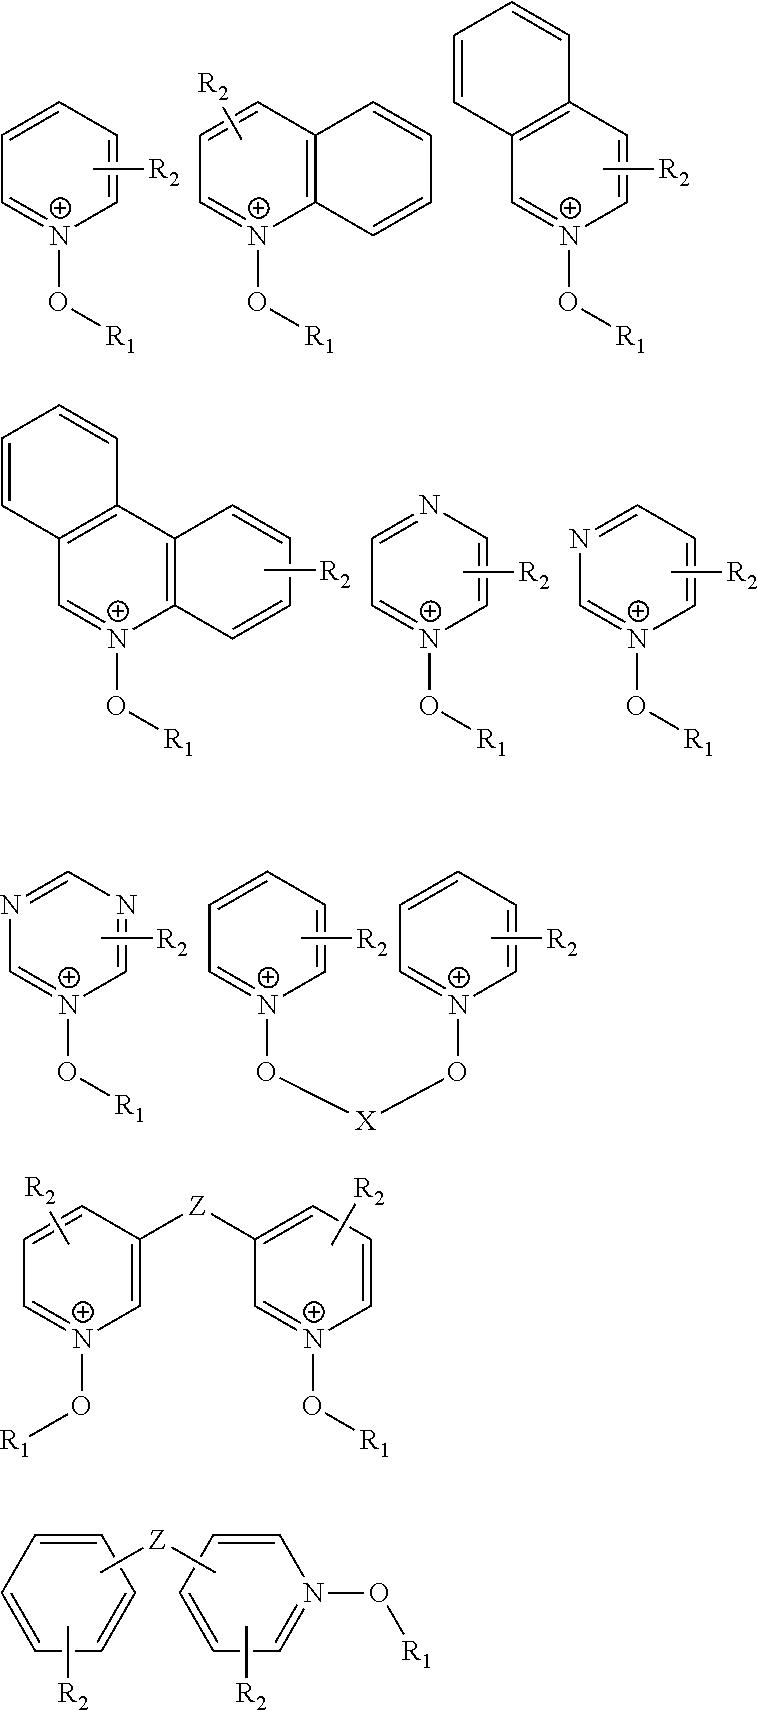 Figure US20150126637A1-20150507-C00004